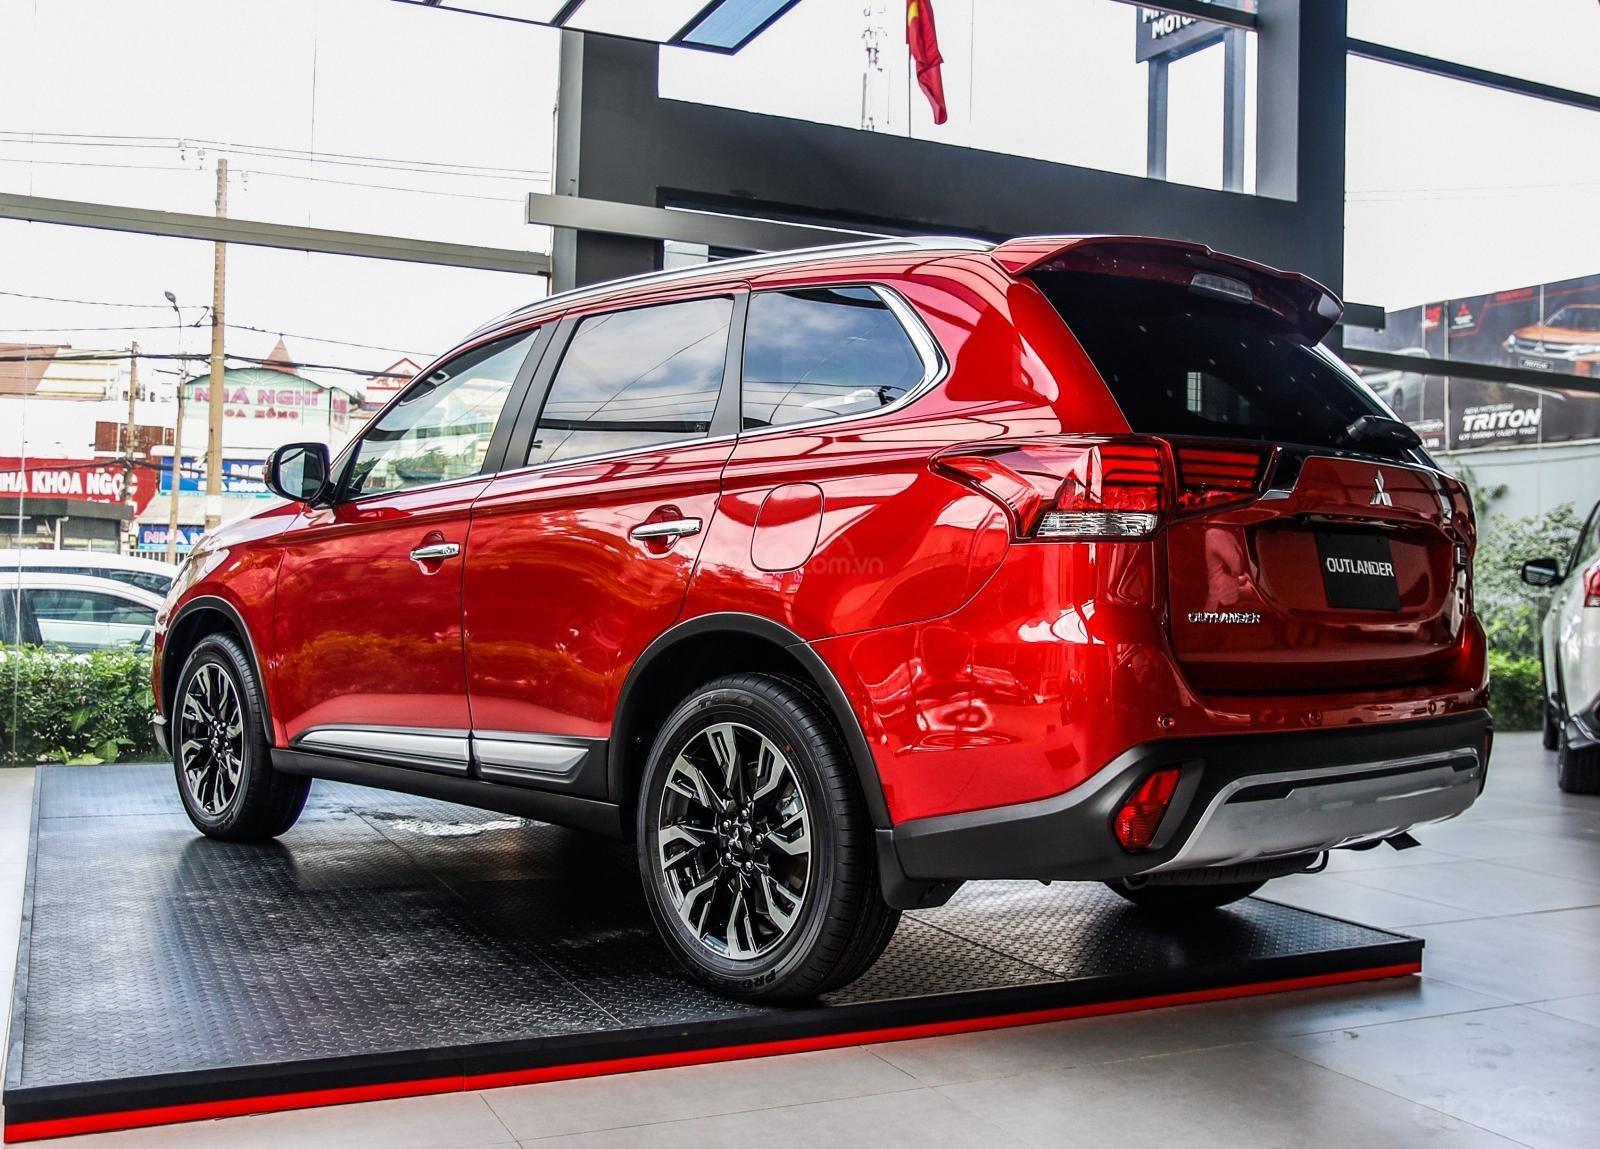 [Mitsubishi Isamco] Mitsubishi Outlander 2020, chỉ 825tr, ưu đãi tiền mặt cực khủng, trả góp 85% (6)